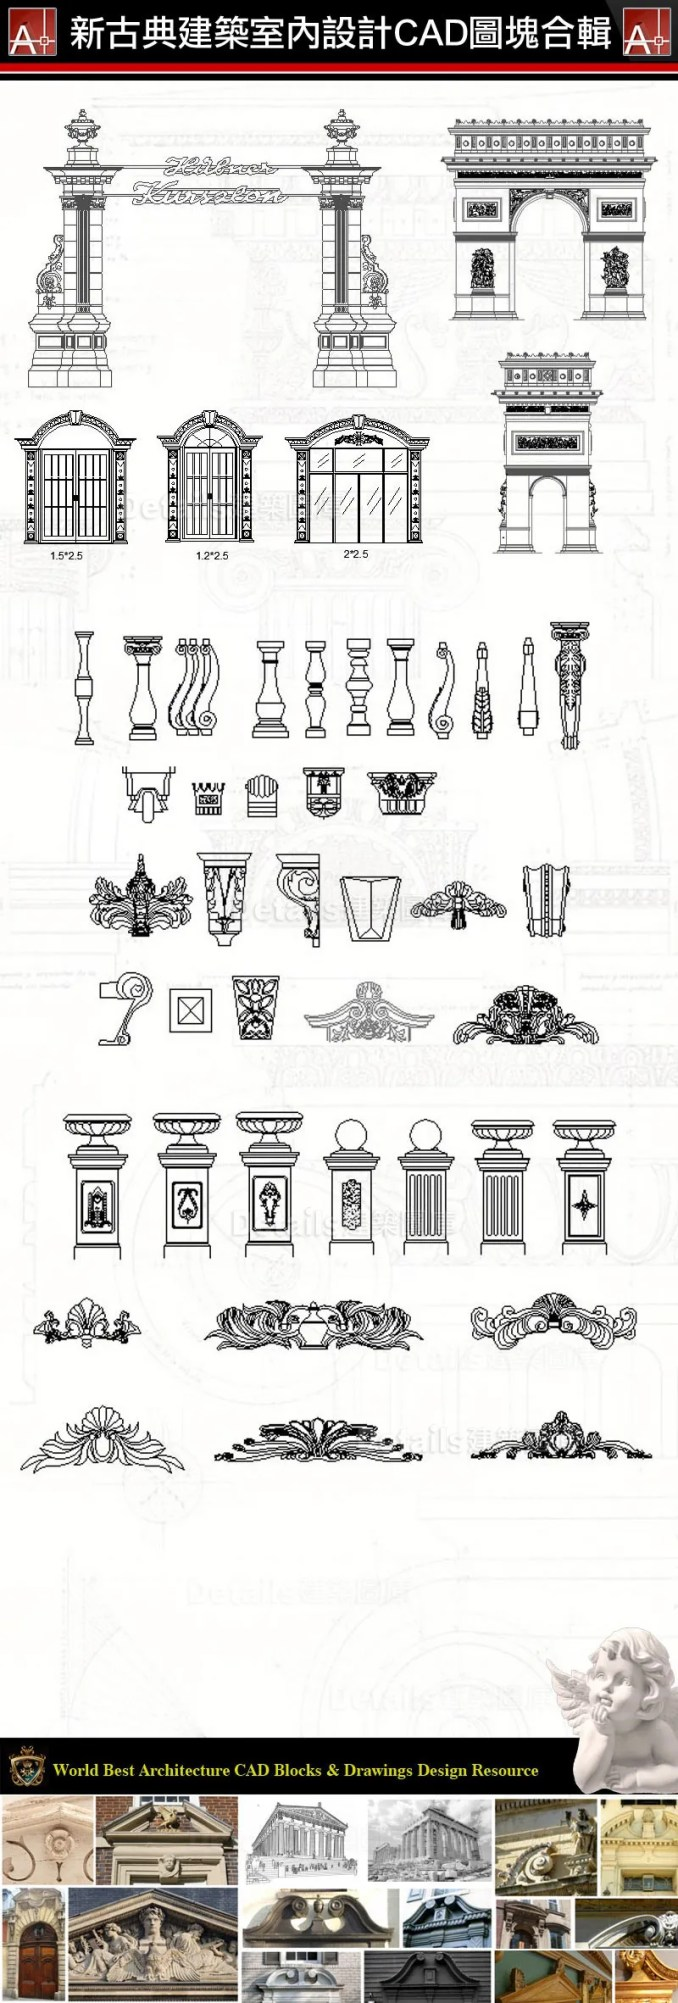 【歐式新古典建築室內設計裝飾CAD圖塊合輯 V.8】 商品內容:歐式裝飾元件,新古典建築室內設計裝飾構件,雕塑,水池,羅馬柱,飾角,線板,古典裝飾,雕塑,拱門,壁爐,羅馬柱,多力克柱式,愛奧尼克柱式,科林斯柱式,歐式建築,希臘建築,壁爐,頂部燈盤,壁畫,藻井,拱頂,尖肋拱頂,穹頂,掛鏡線,腰線,梁托,拱券,門,門洞,窗,牆面裝飾線條,護牆板(以參考圖例為準)